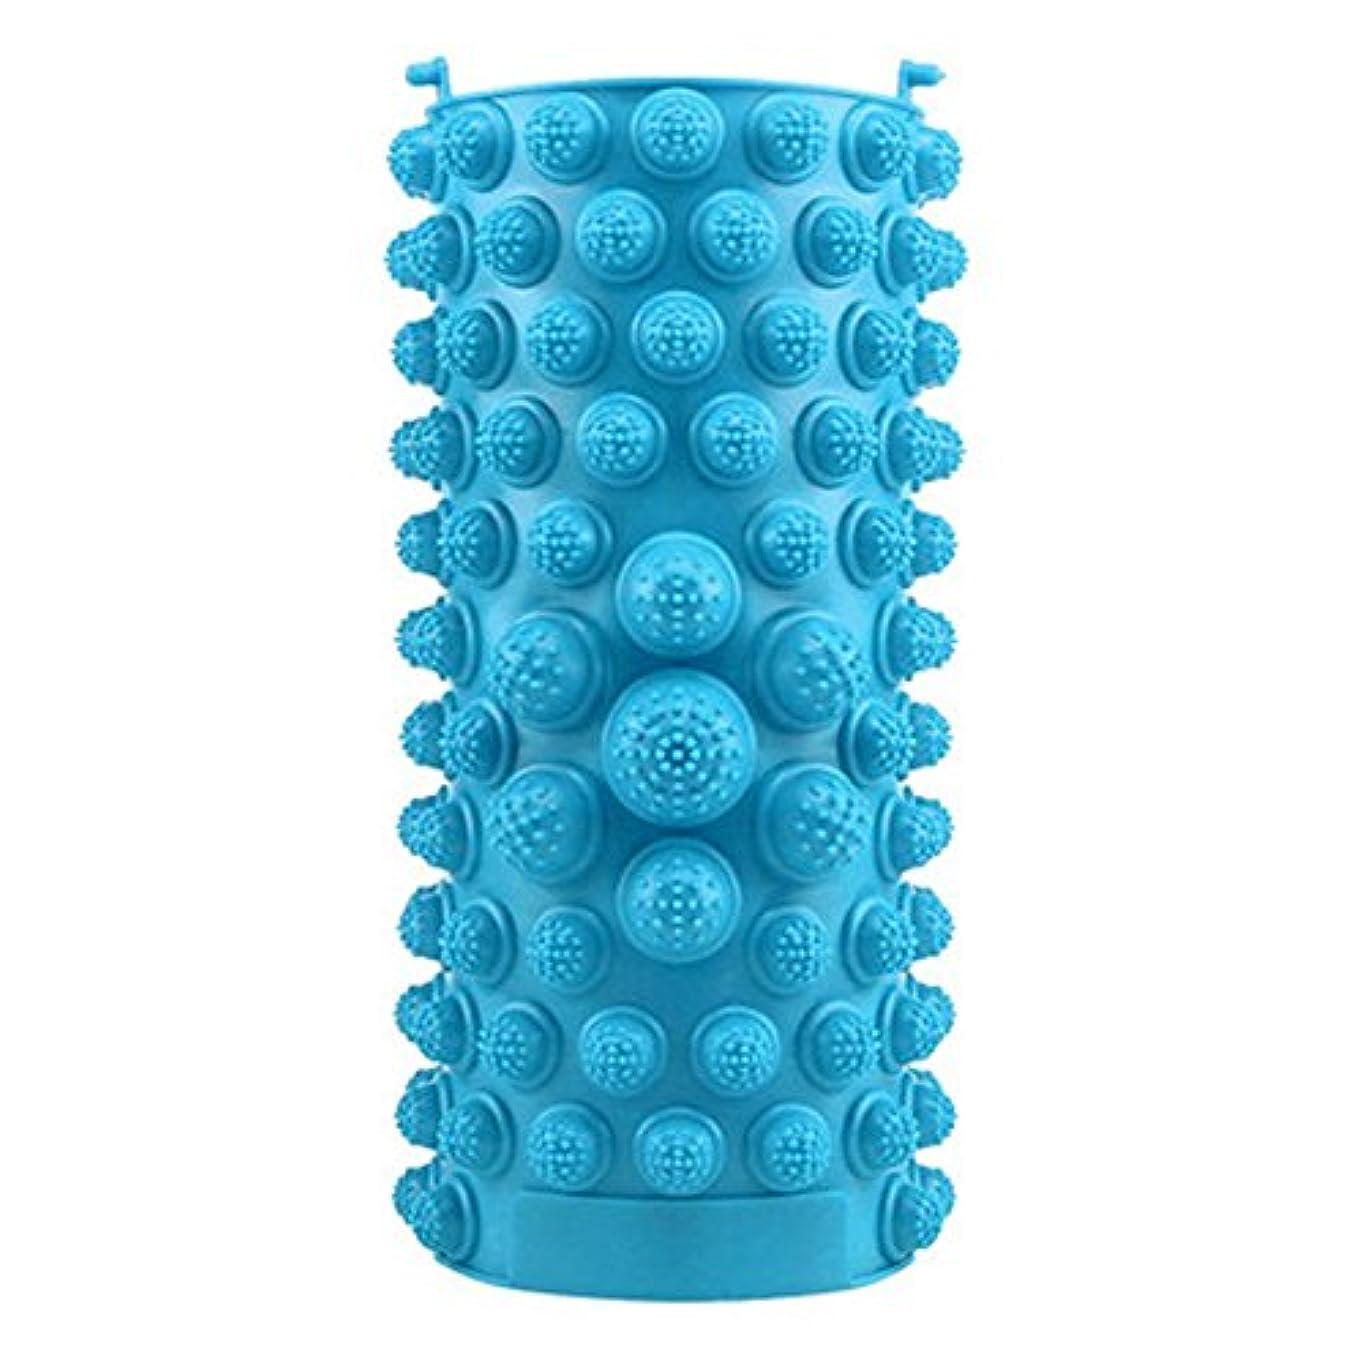 退屈させる不適ゲートウェイYZRCRKFad's Dayギフトマッサージクッション子供ホームマッサージクッションフットマッサージクッション鍼灸ポイントフットパッドマッサージクッション (色 : 青)